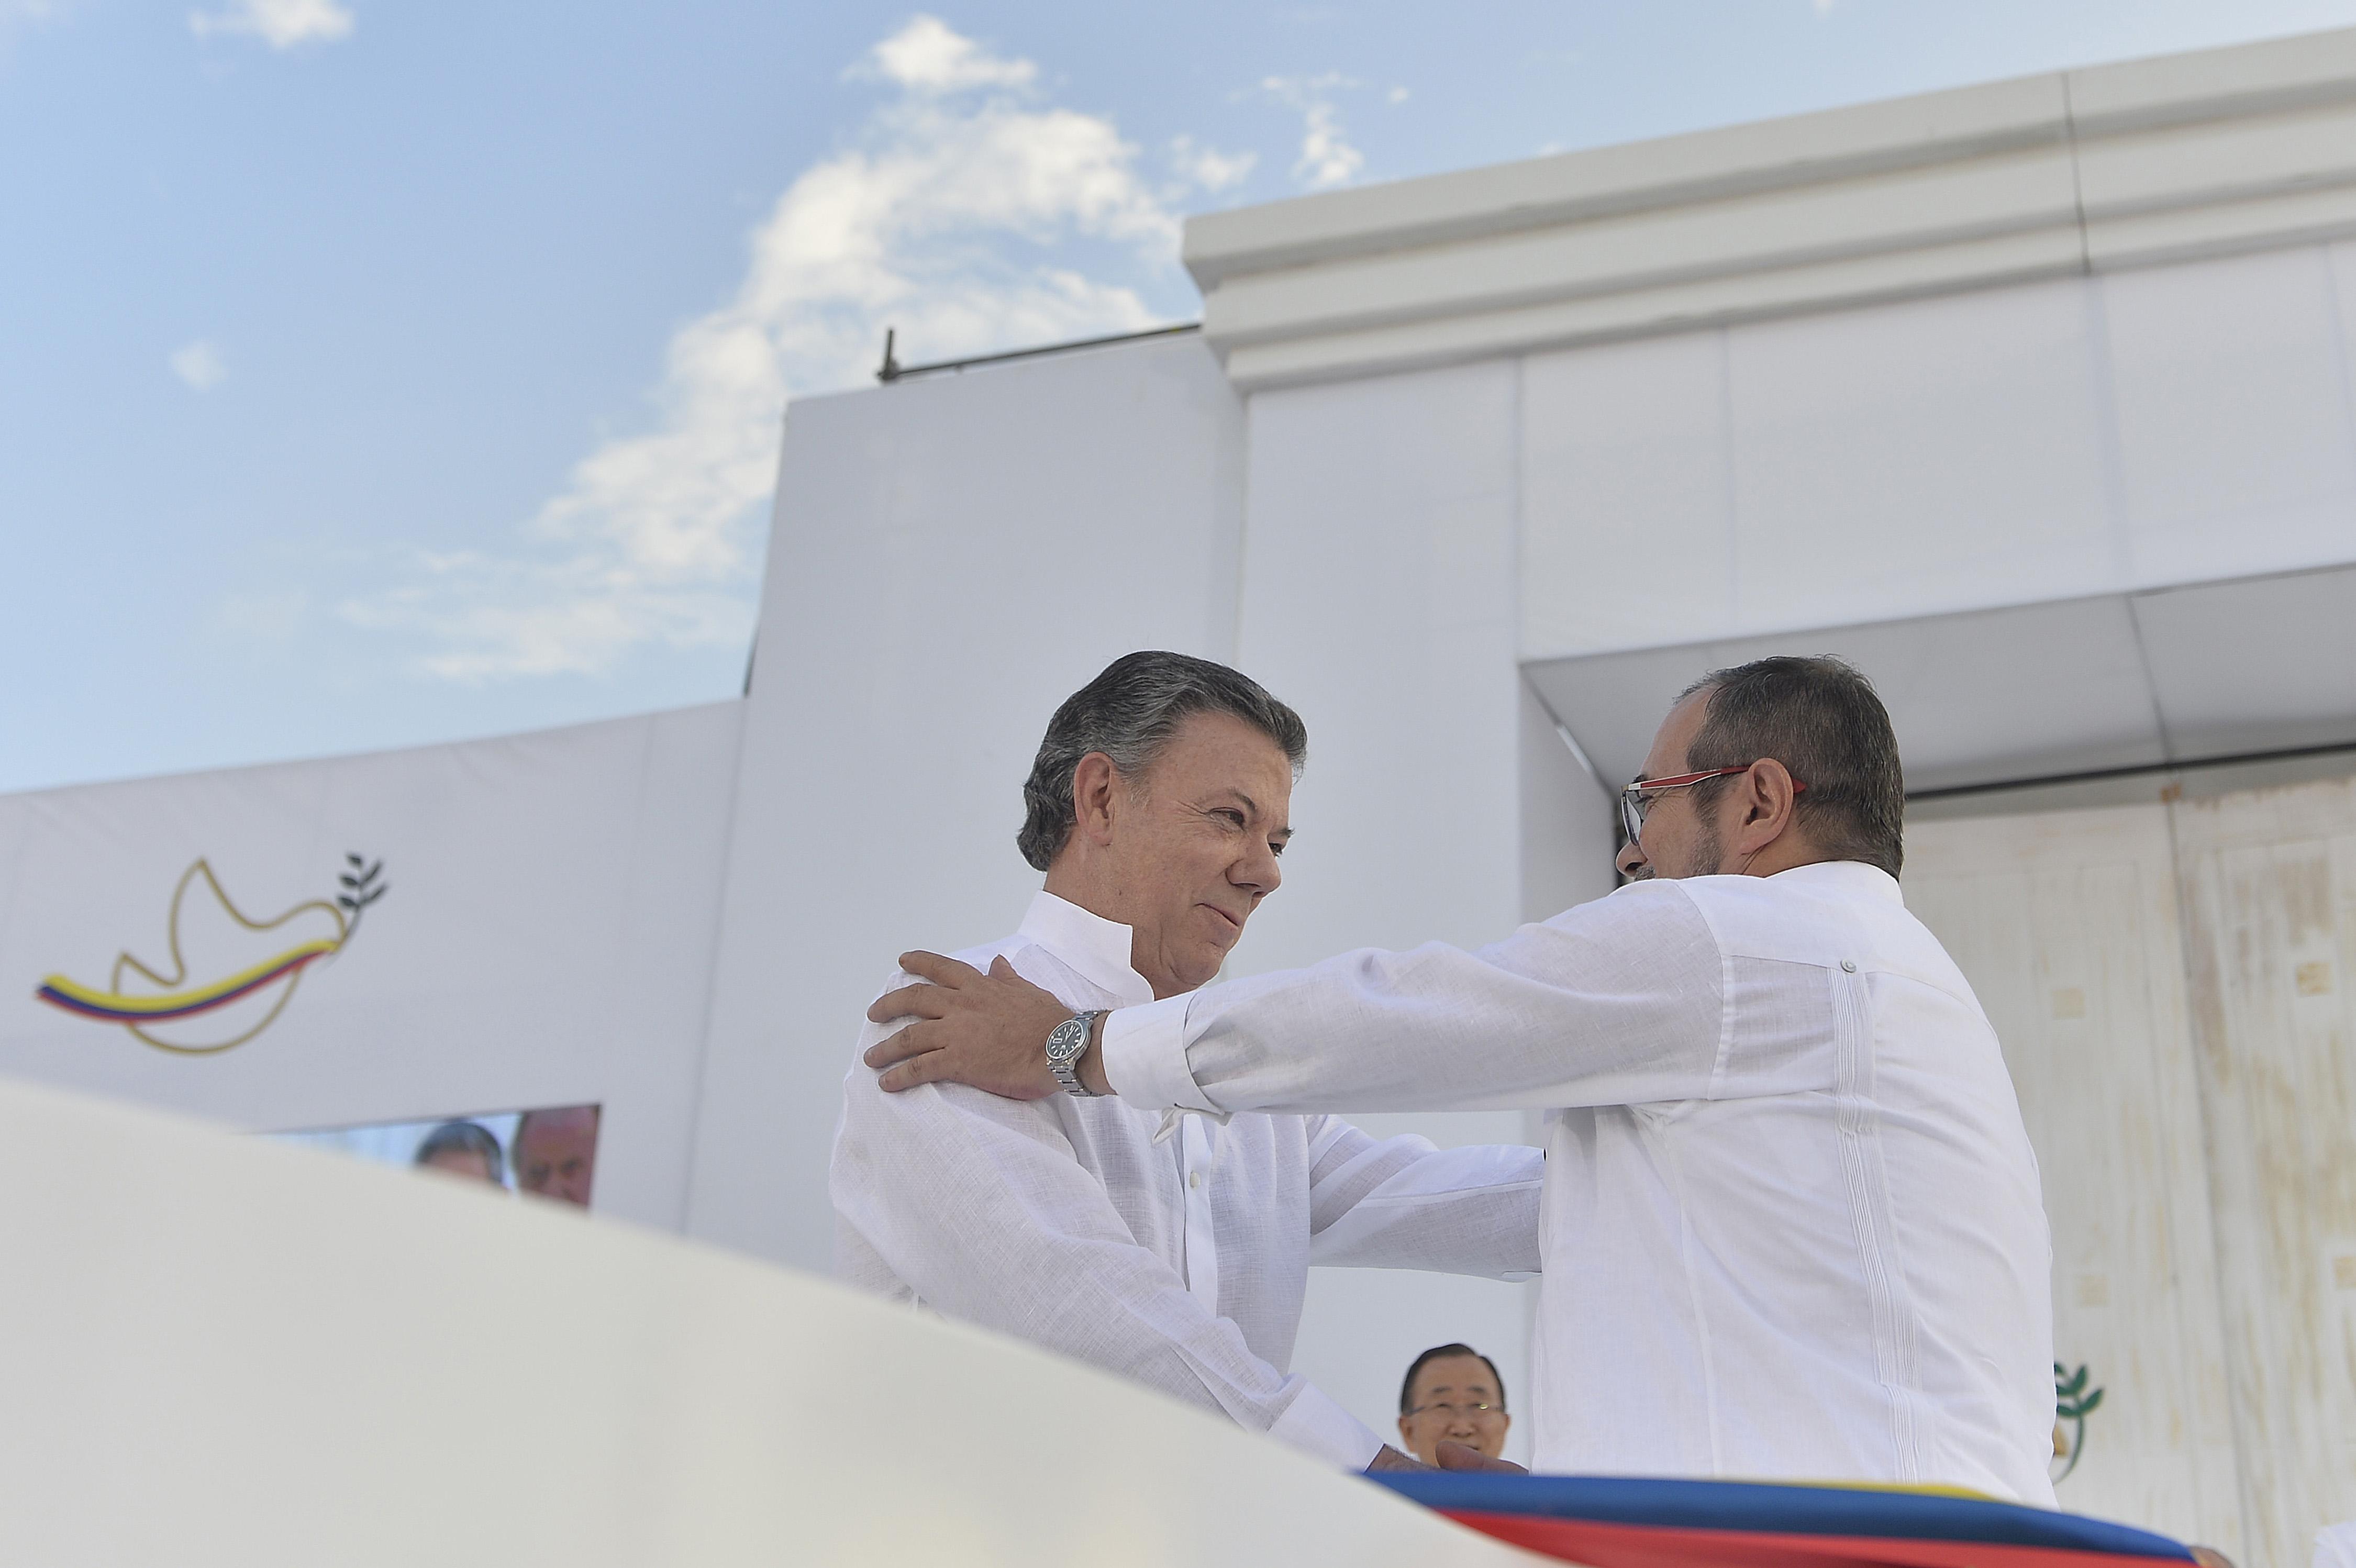 Cincuenta y dos años, cuatro meses y doce días: hoy se firmó la paz en Colombia